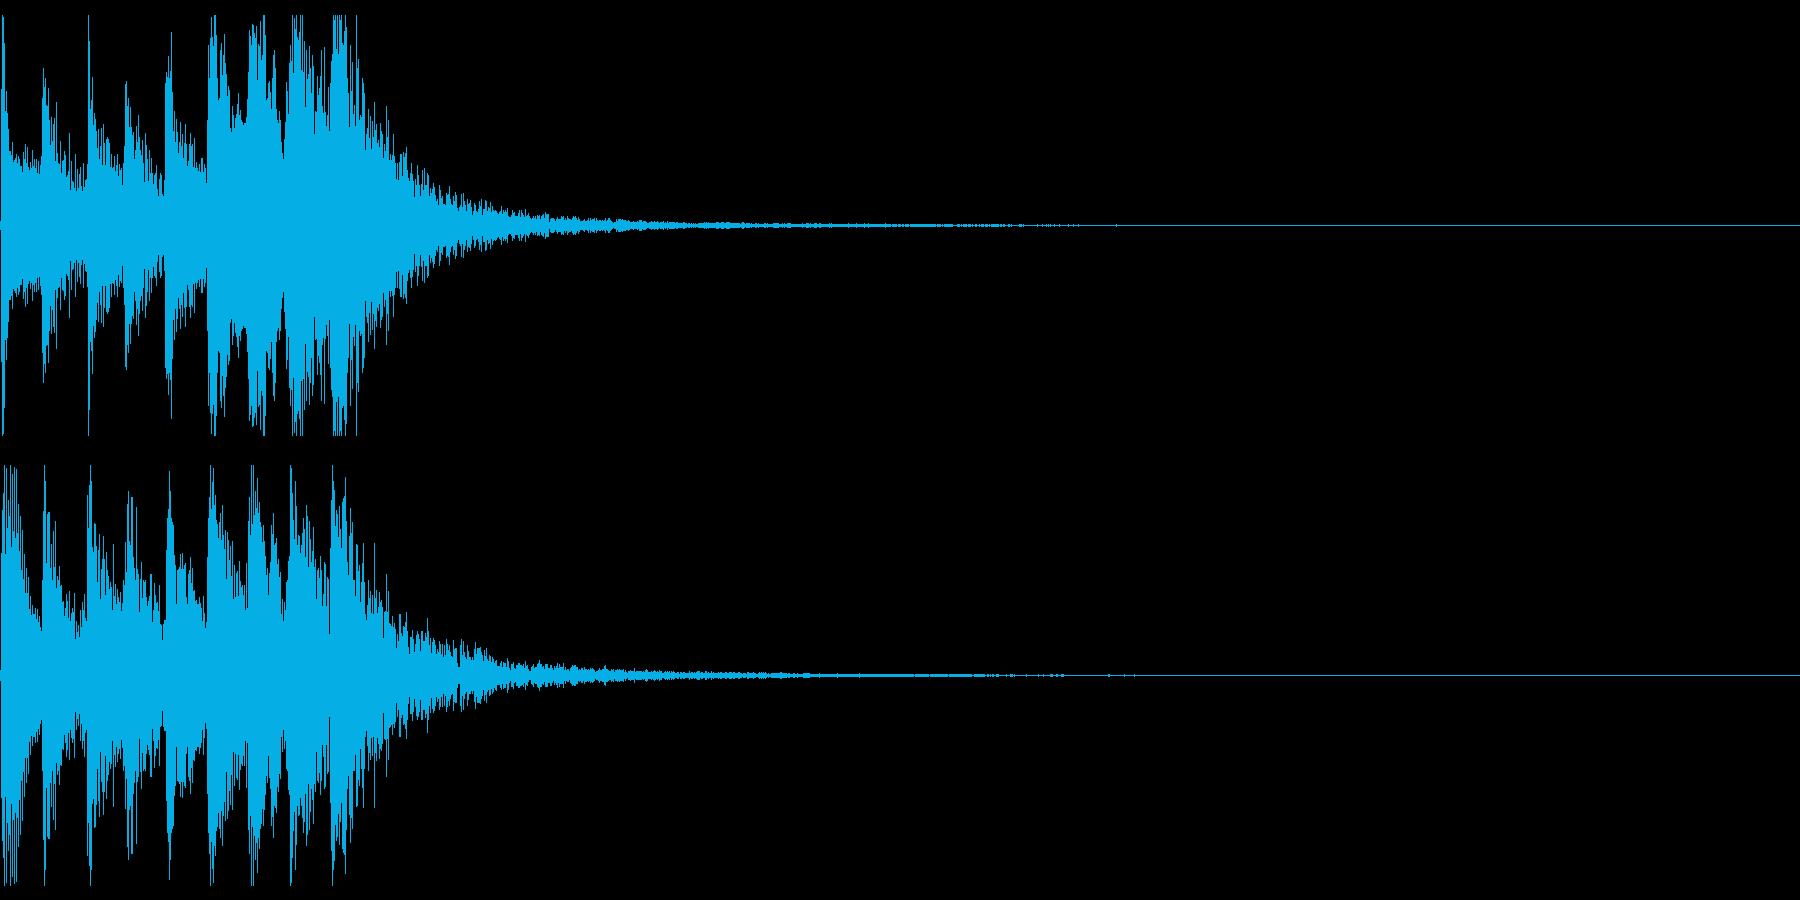 三味線フレーズ03(上昇)の再生済みの波形